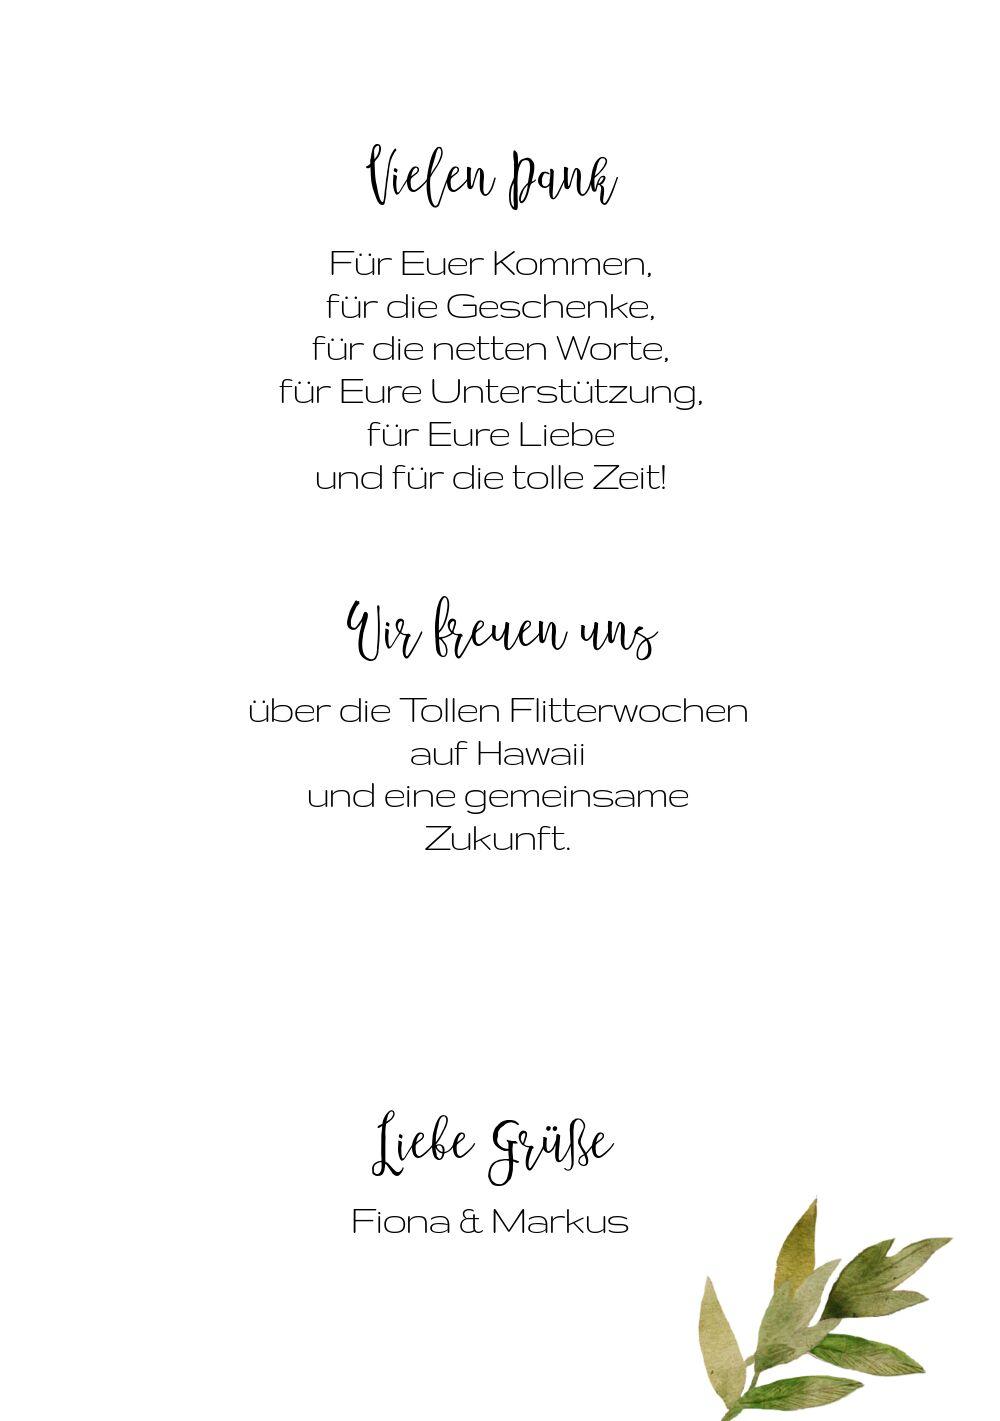 Ansicht 5 - Hochzeit Dankeskarte Blumendeko